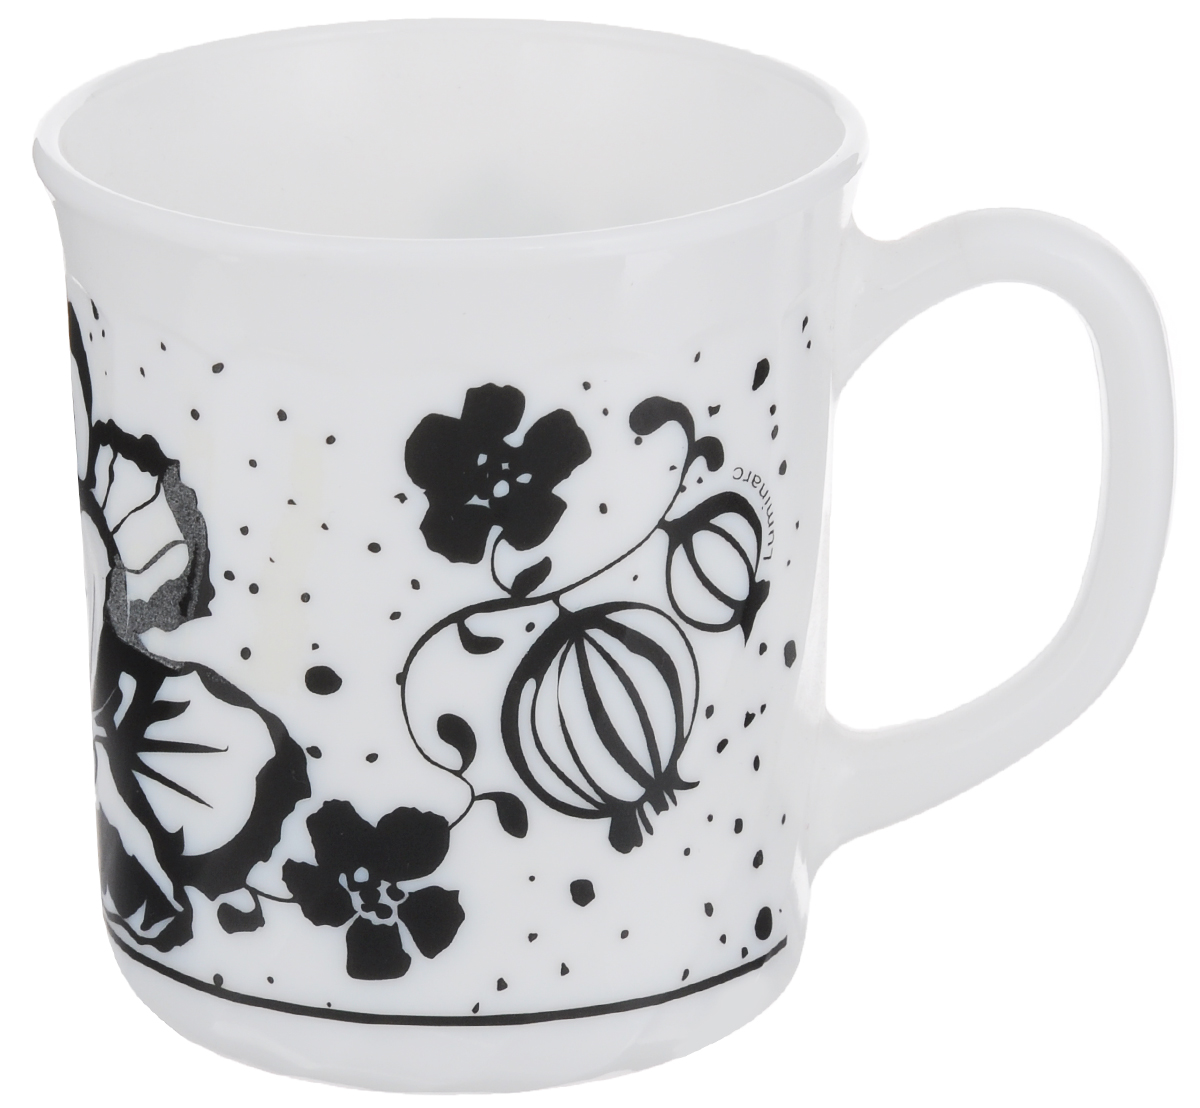 Кружка Luminarc Alcove Black, 290 млH2447Кружка Luminarc Alcove Black изготовлена из прочного стекла. Такая кружка прекрасно подойдет для горячих и холодных напитков. Она дополнит коллекцию вашей кухонной посуды и будет служить долгие годы. Объем кружки: 290 мл. Диаметр кружки (по верхнему краю): 8 см.